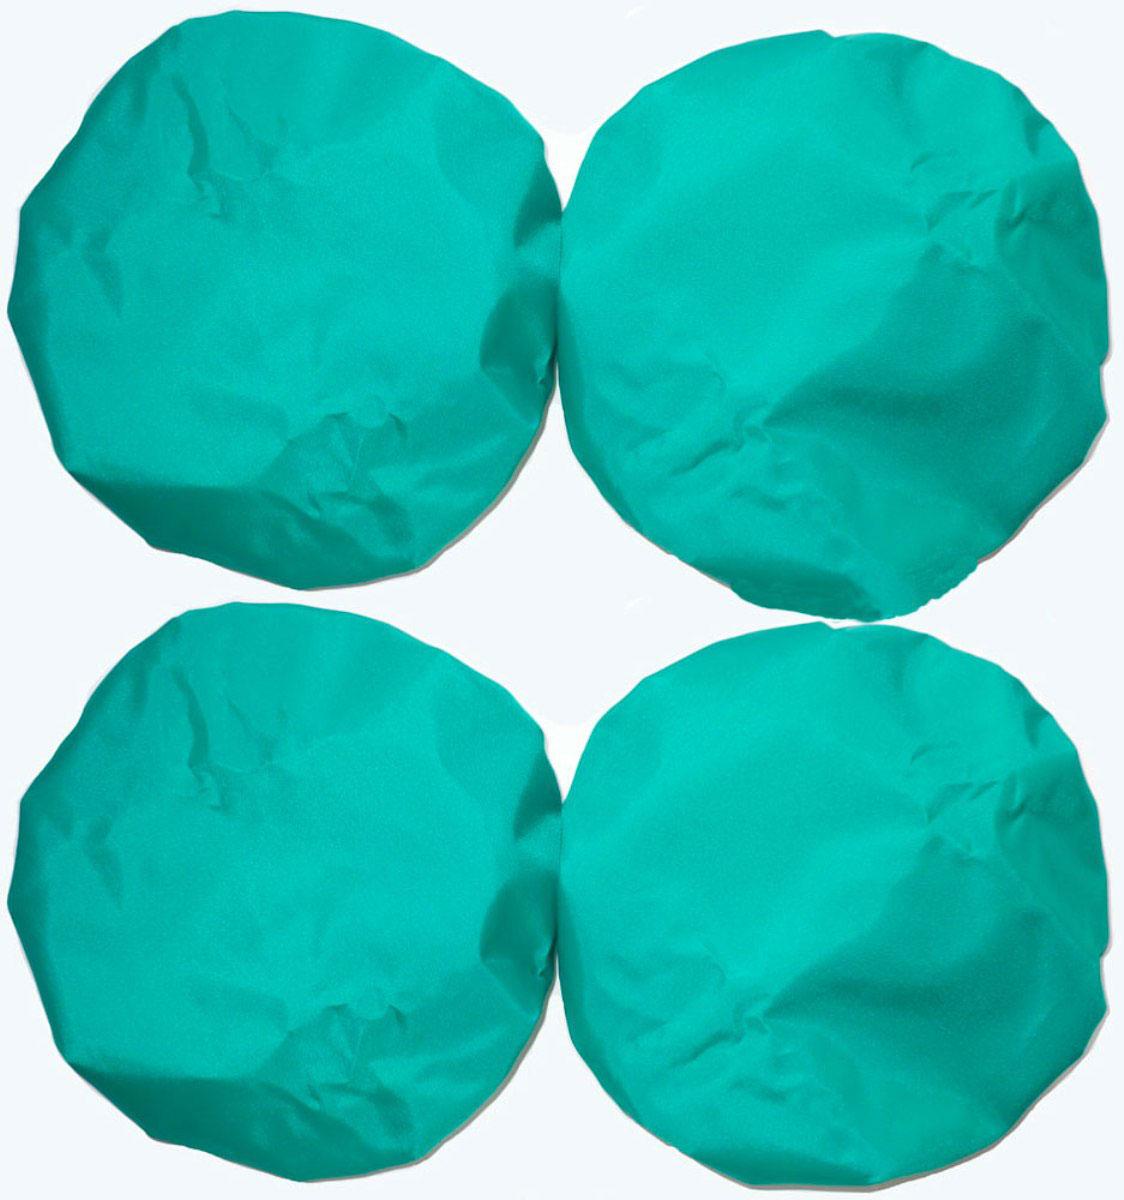 Чудо-Чадо Чехлы на колеса для коляски диаметр 28-38 см цвет зеленый 4 шт -  Коляски и аксессуары